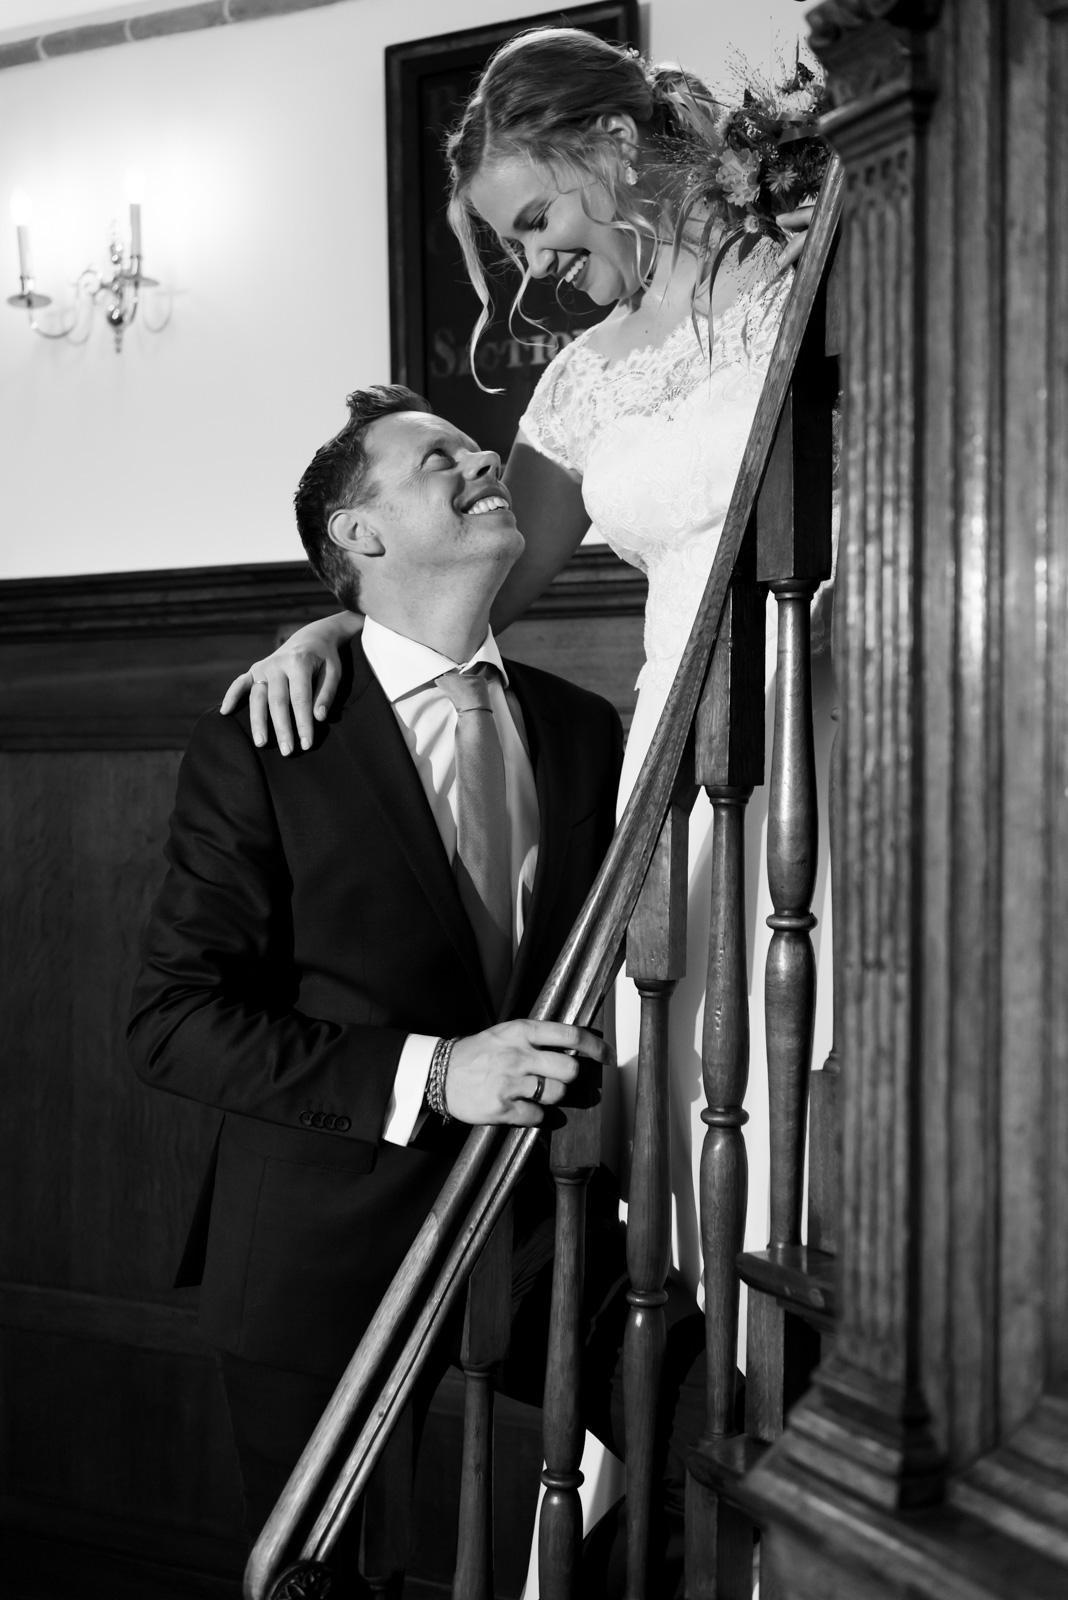 Bruidsfotograaf Bruidsfotografie trouwfotograaf Huwelijksreportage Haarlem Heemstede Noord-Holland Zalmiy Paeez Fotografie